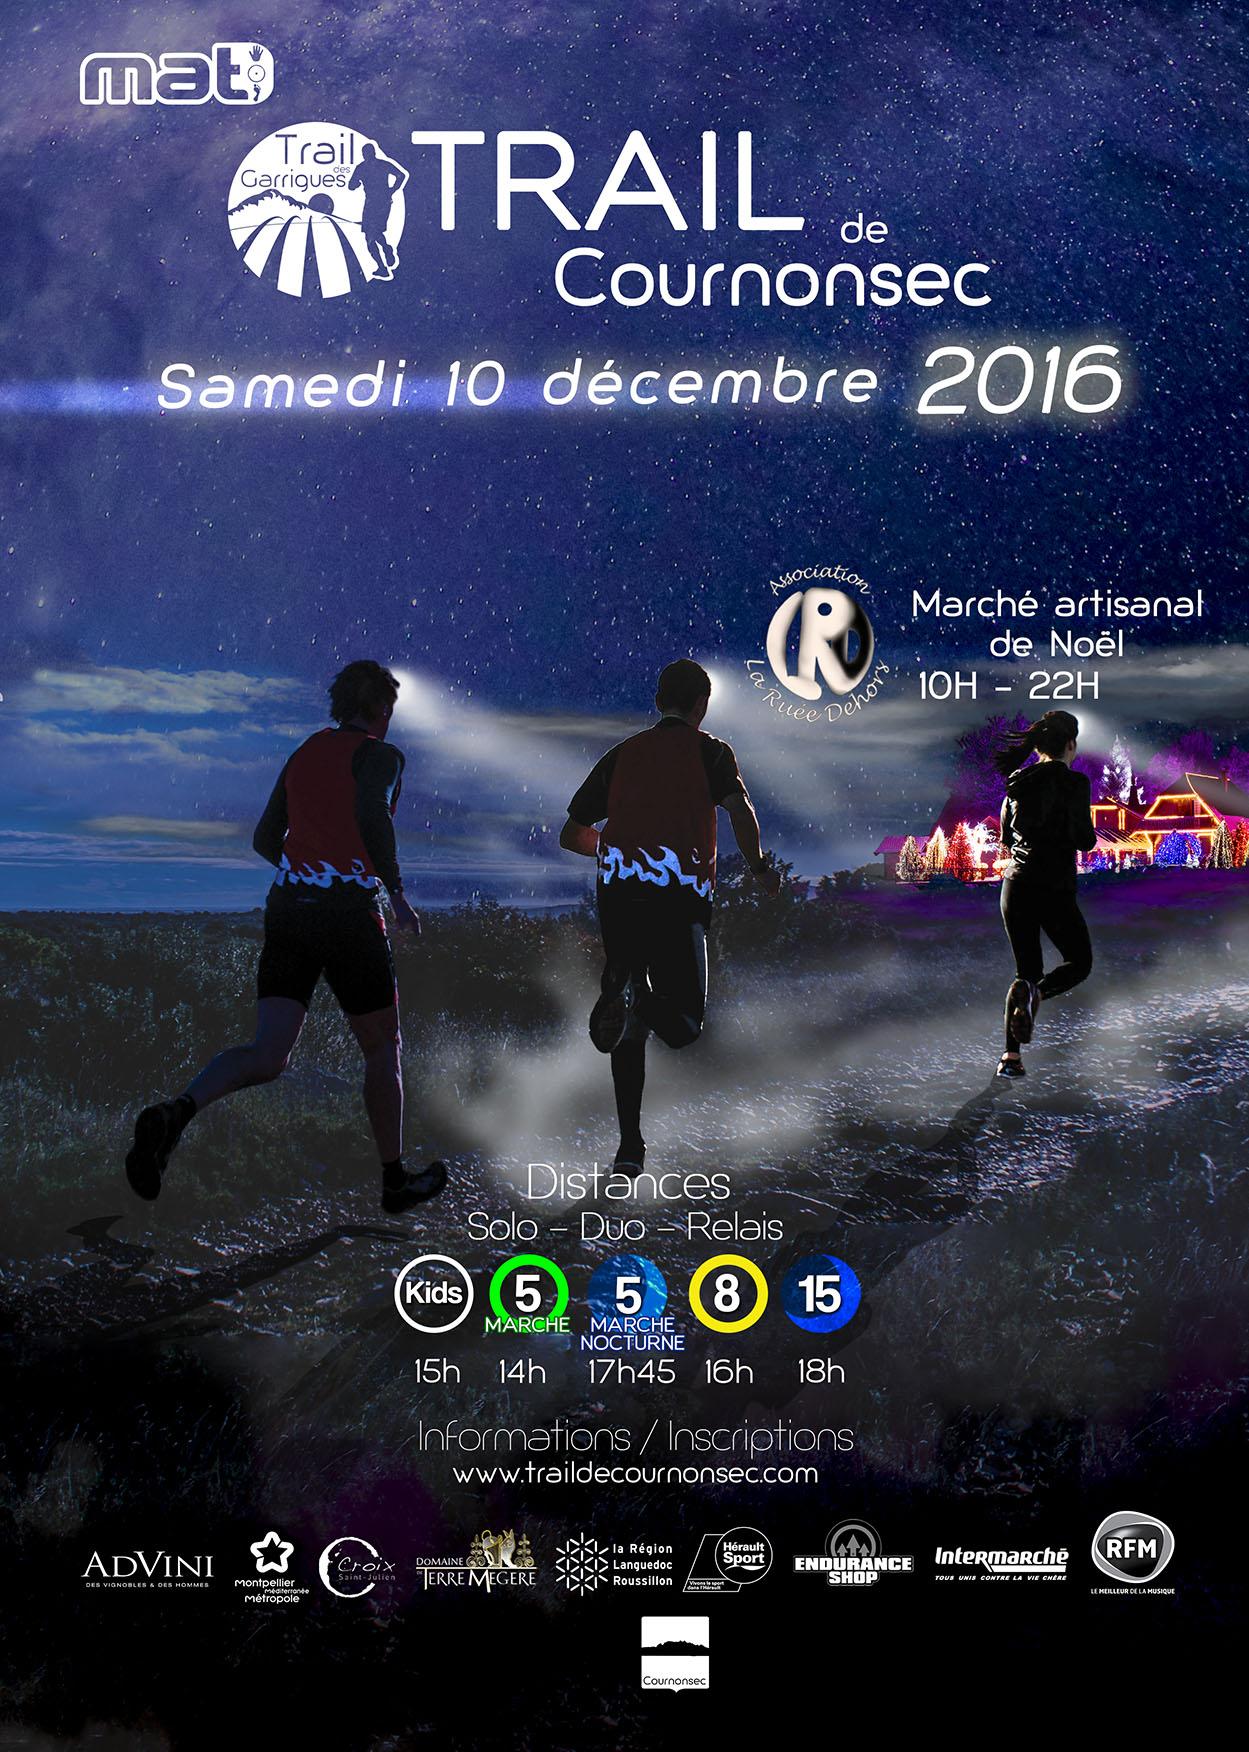 Trail de Cournonsec 2016